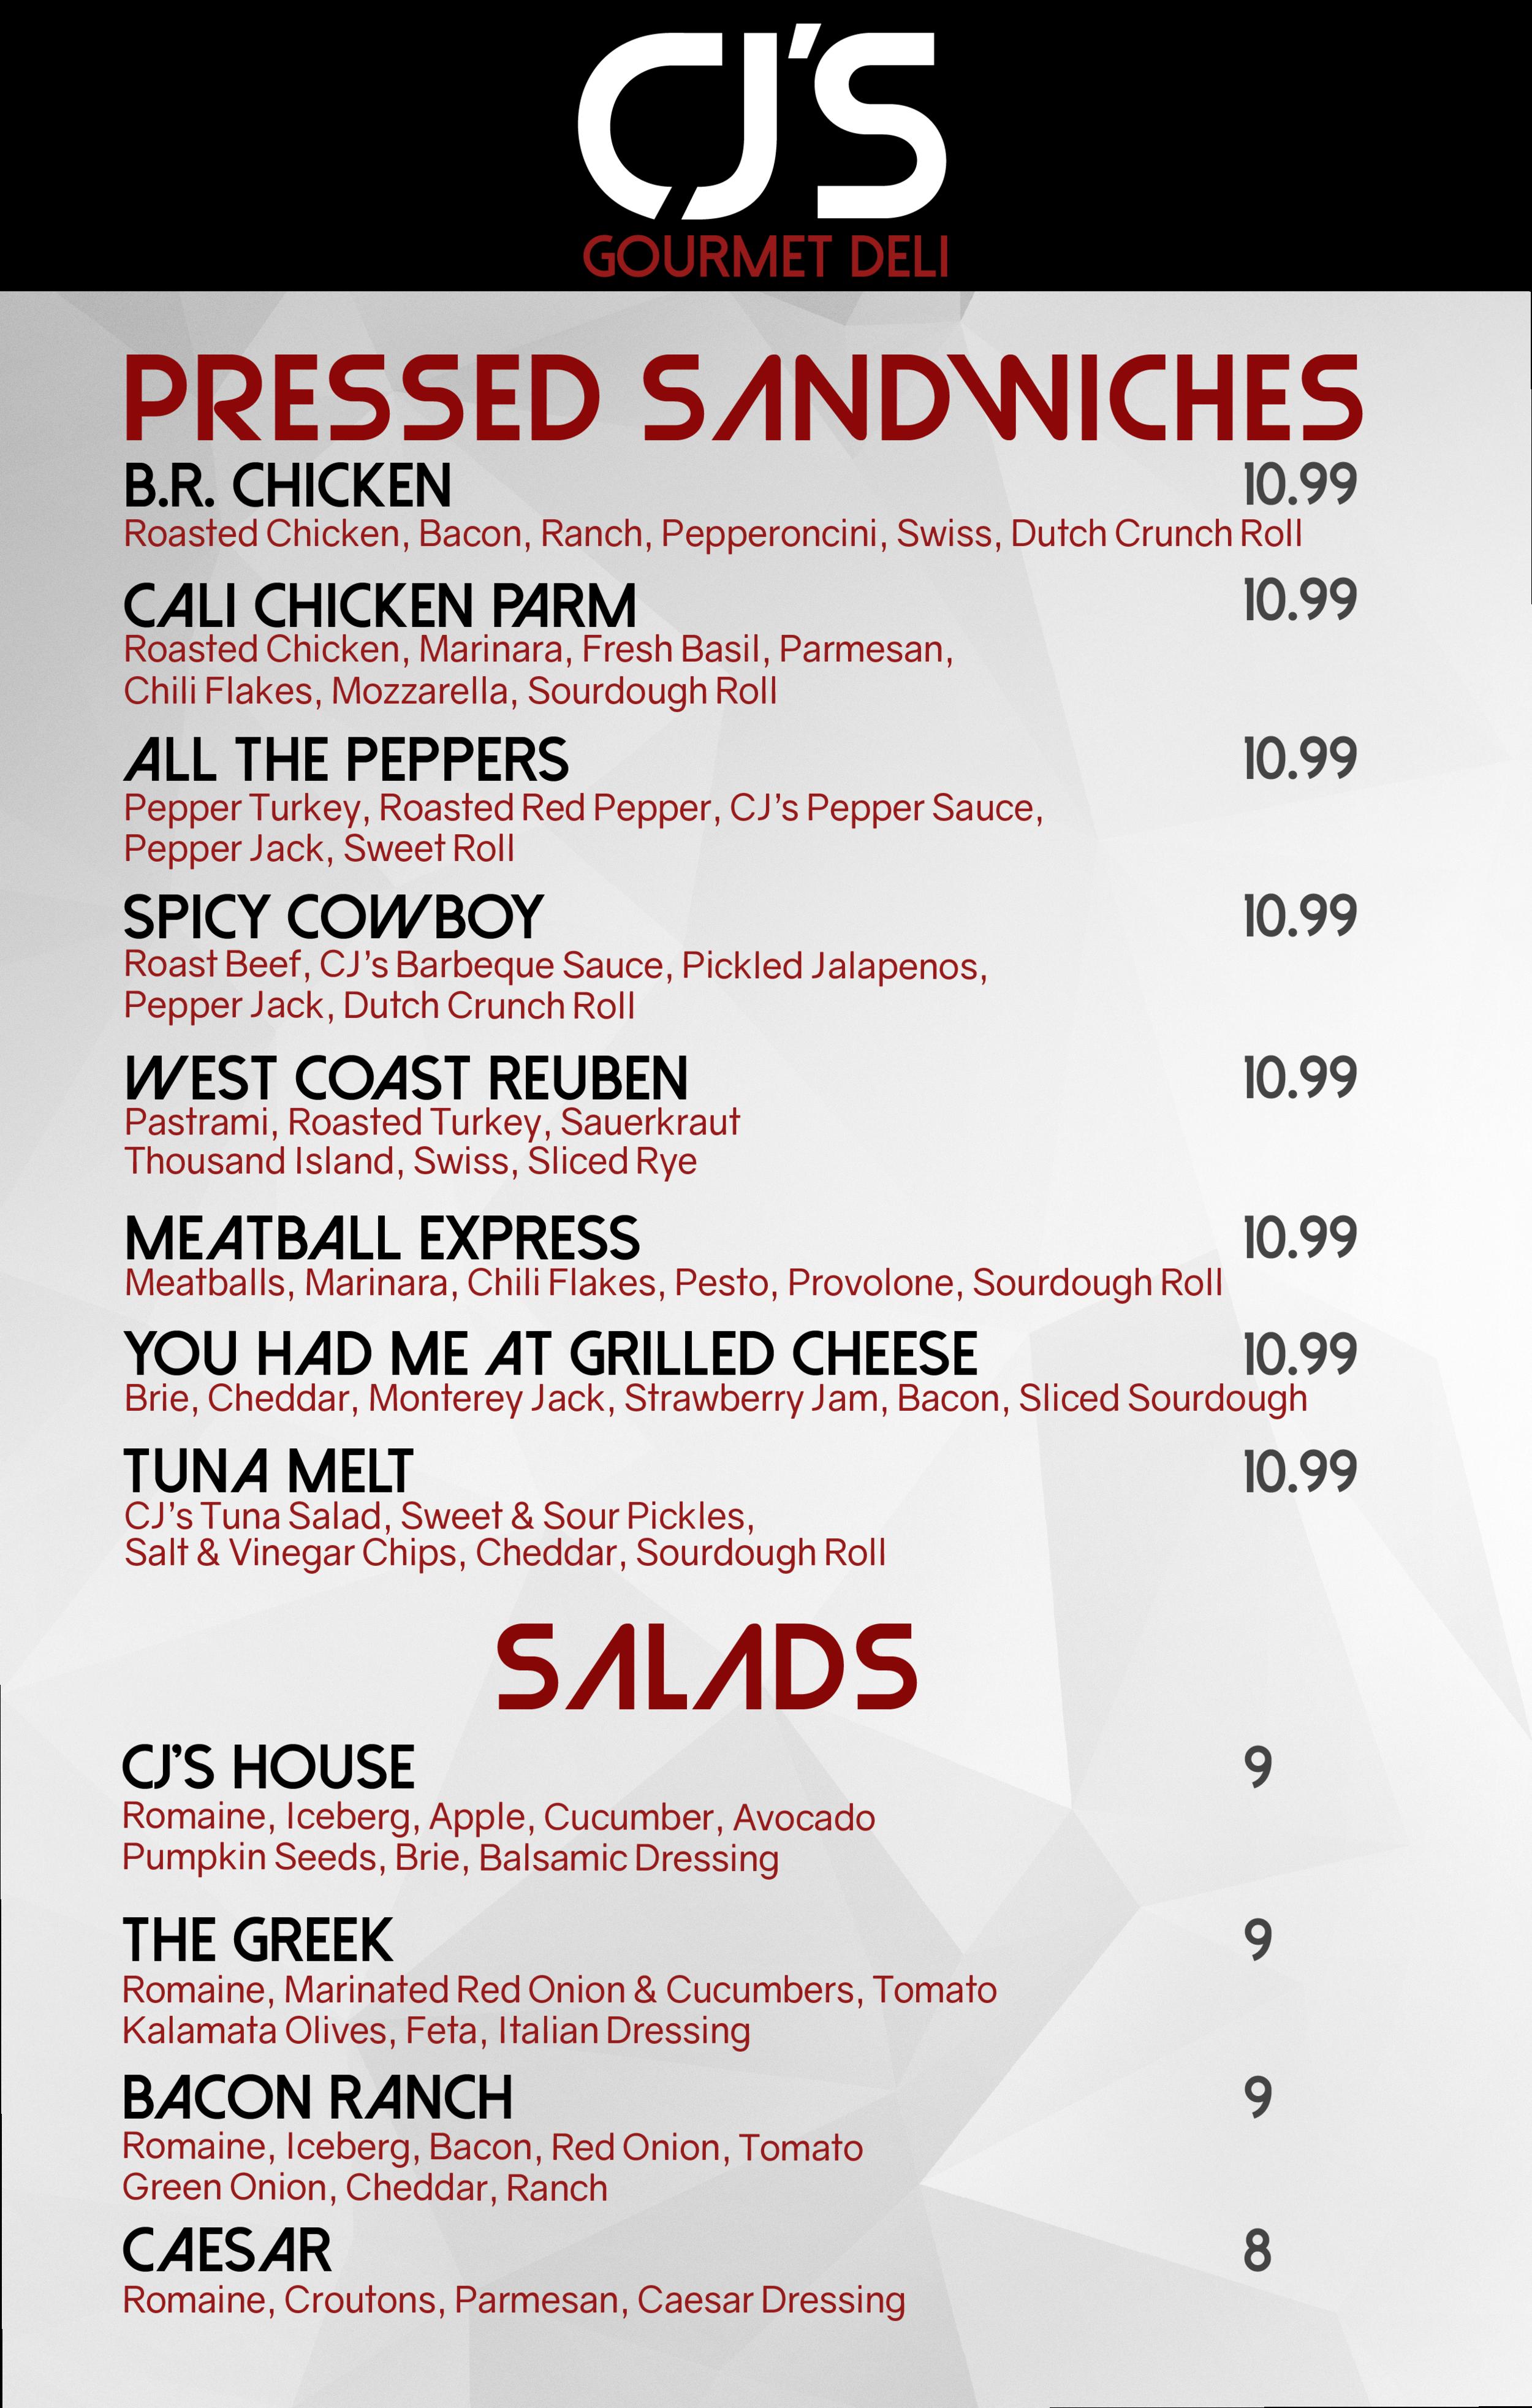 PressSandwiches&salad